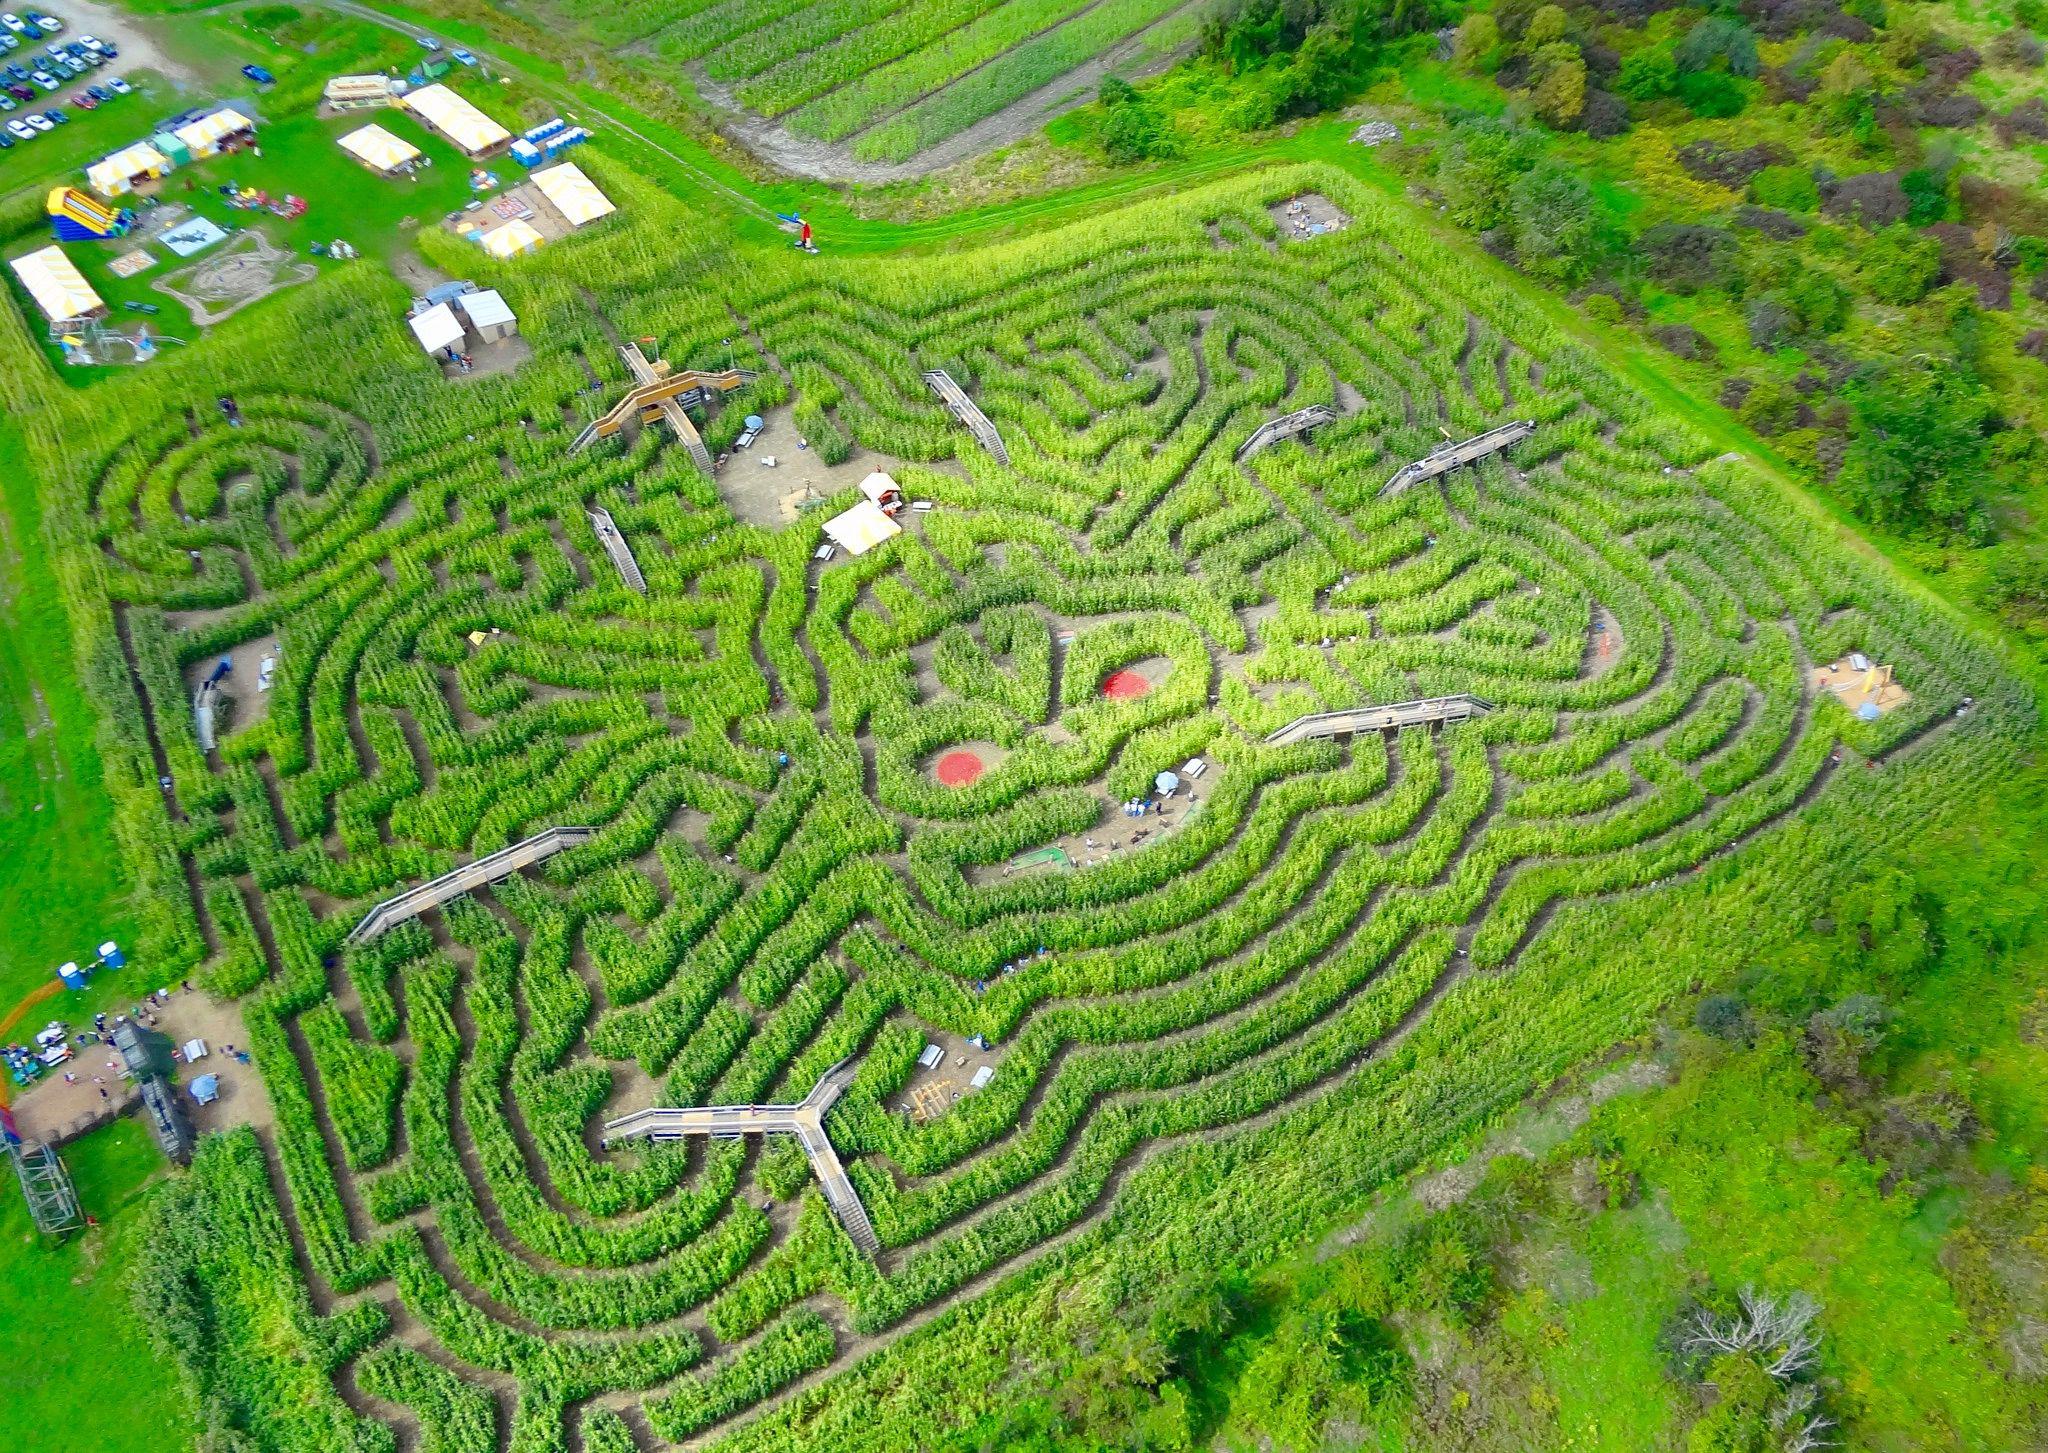 Davis Mega Maze near Boston, Massachusetts